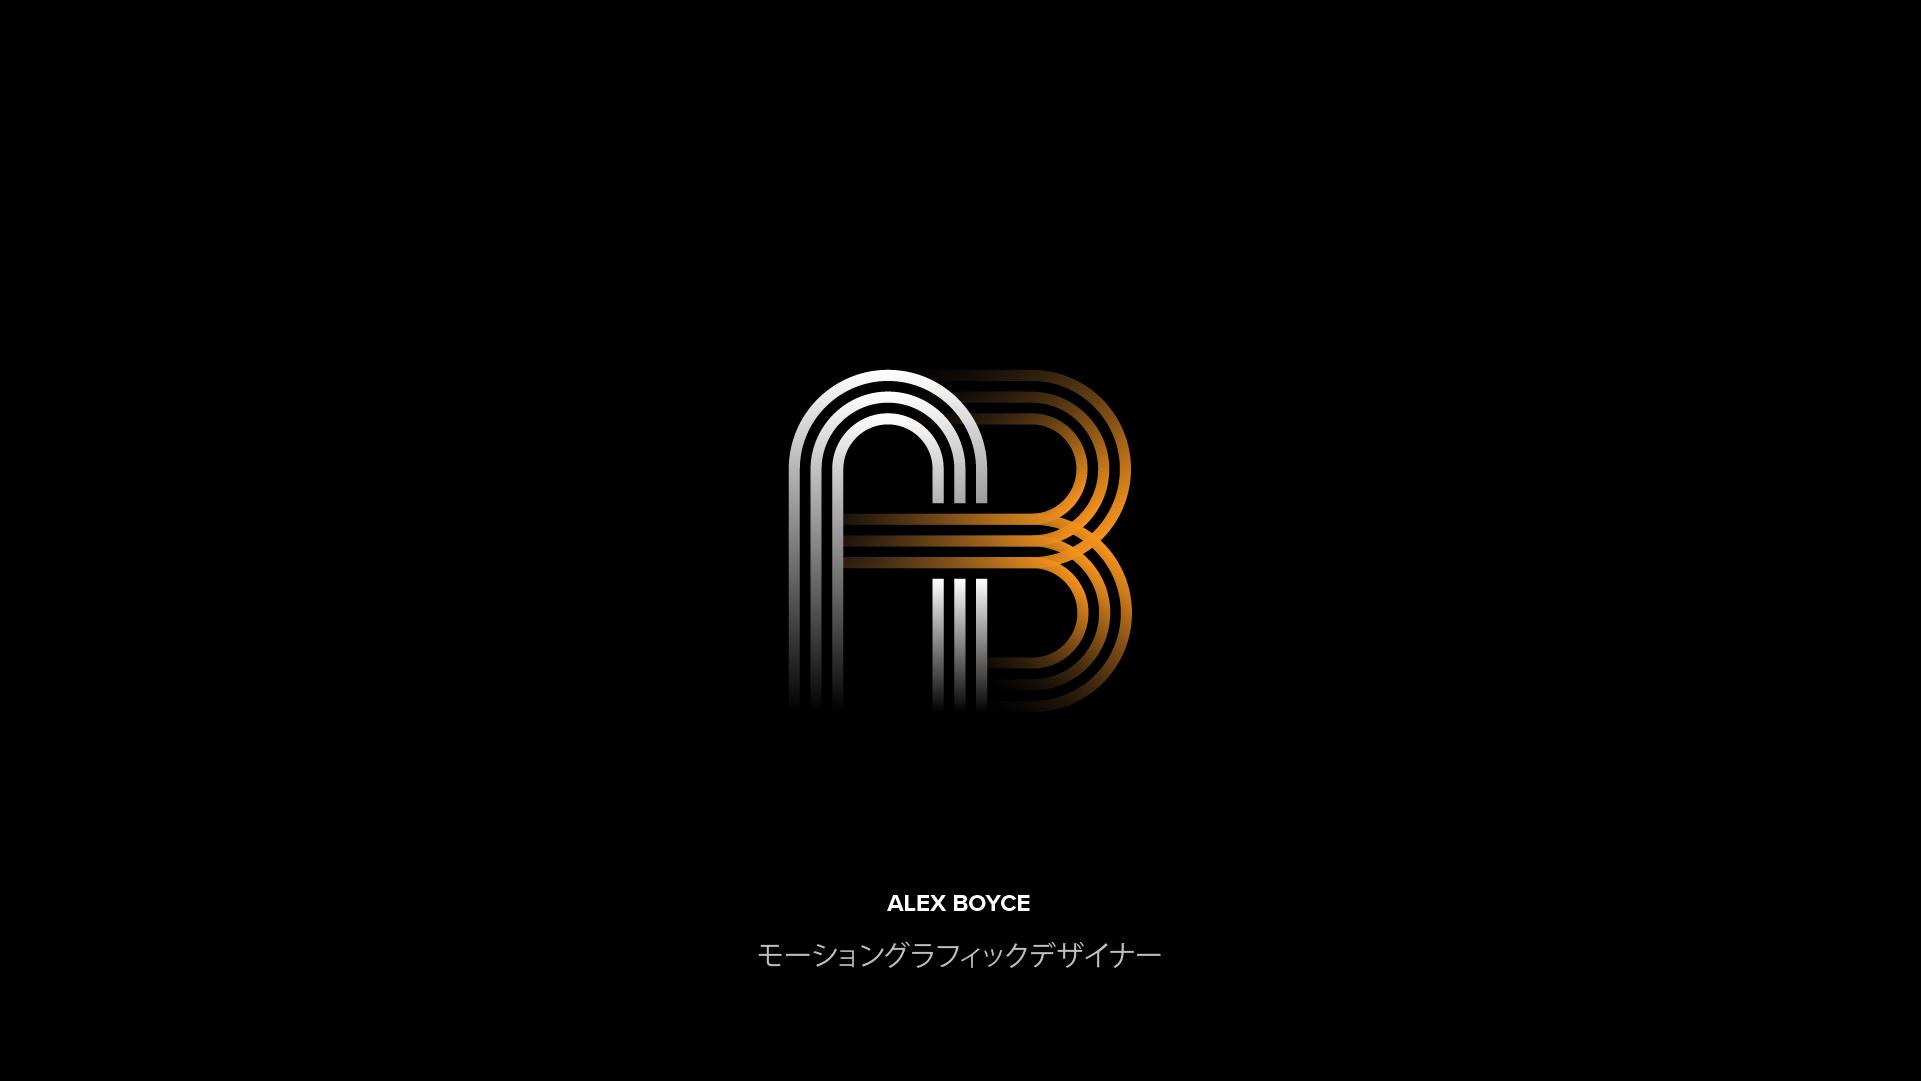 AB_Rebrand_v015-03.jpg